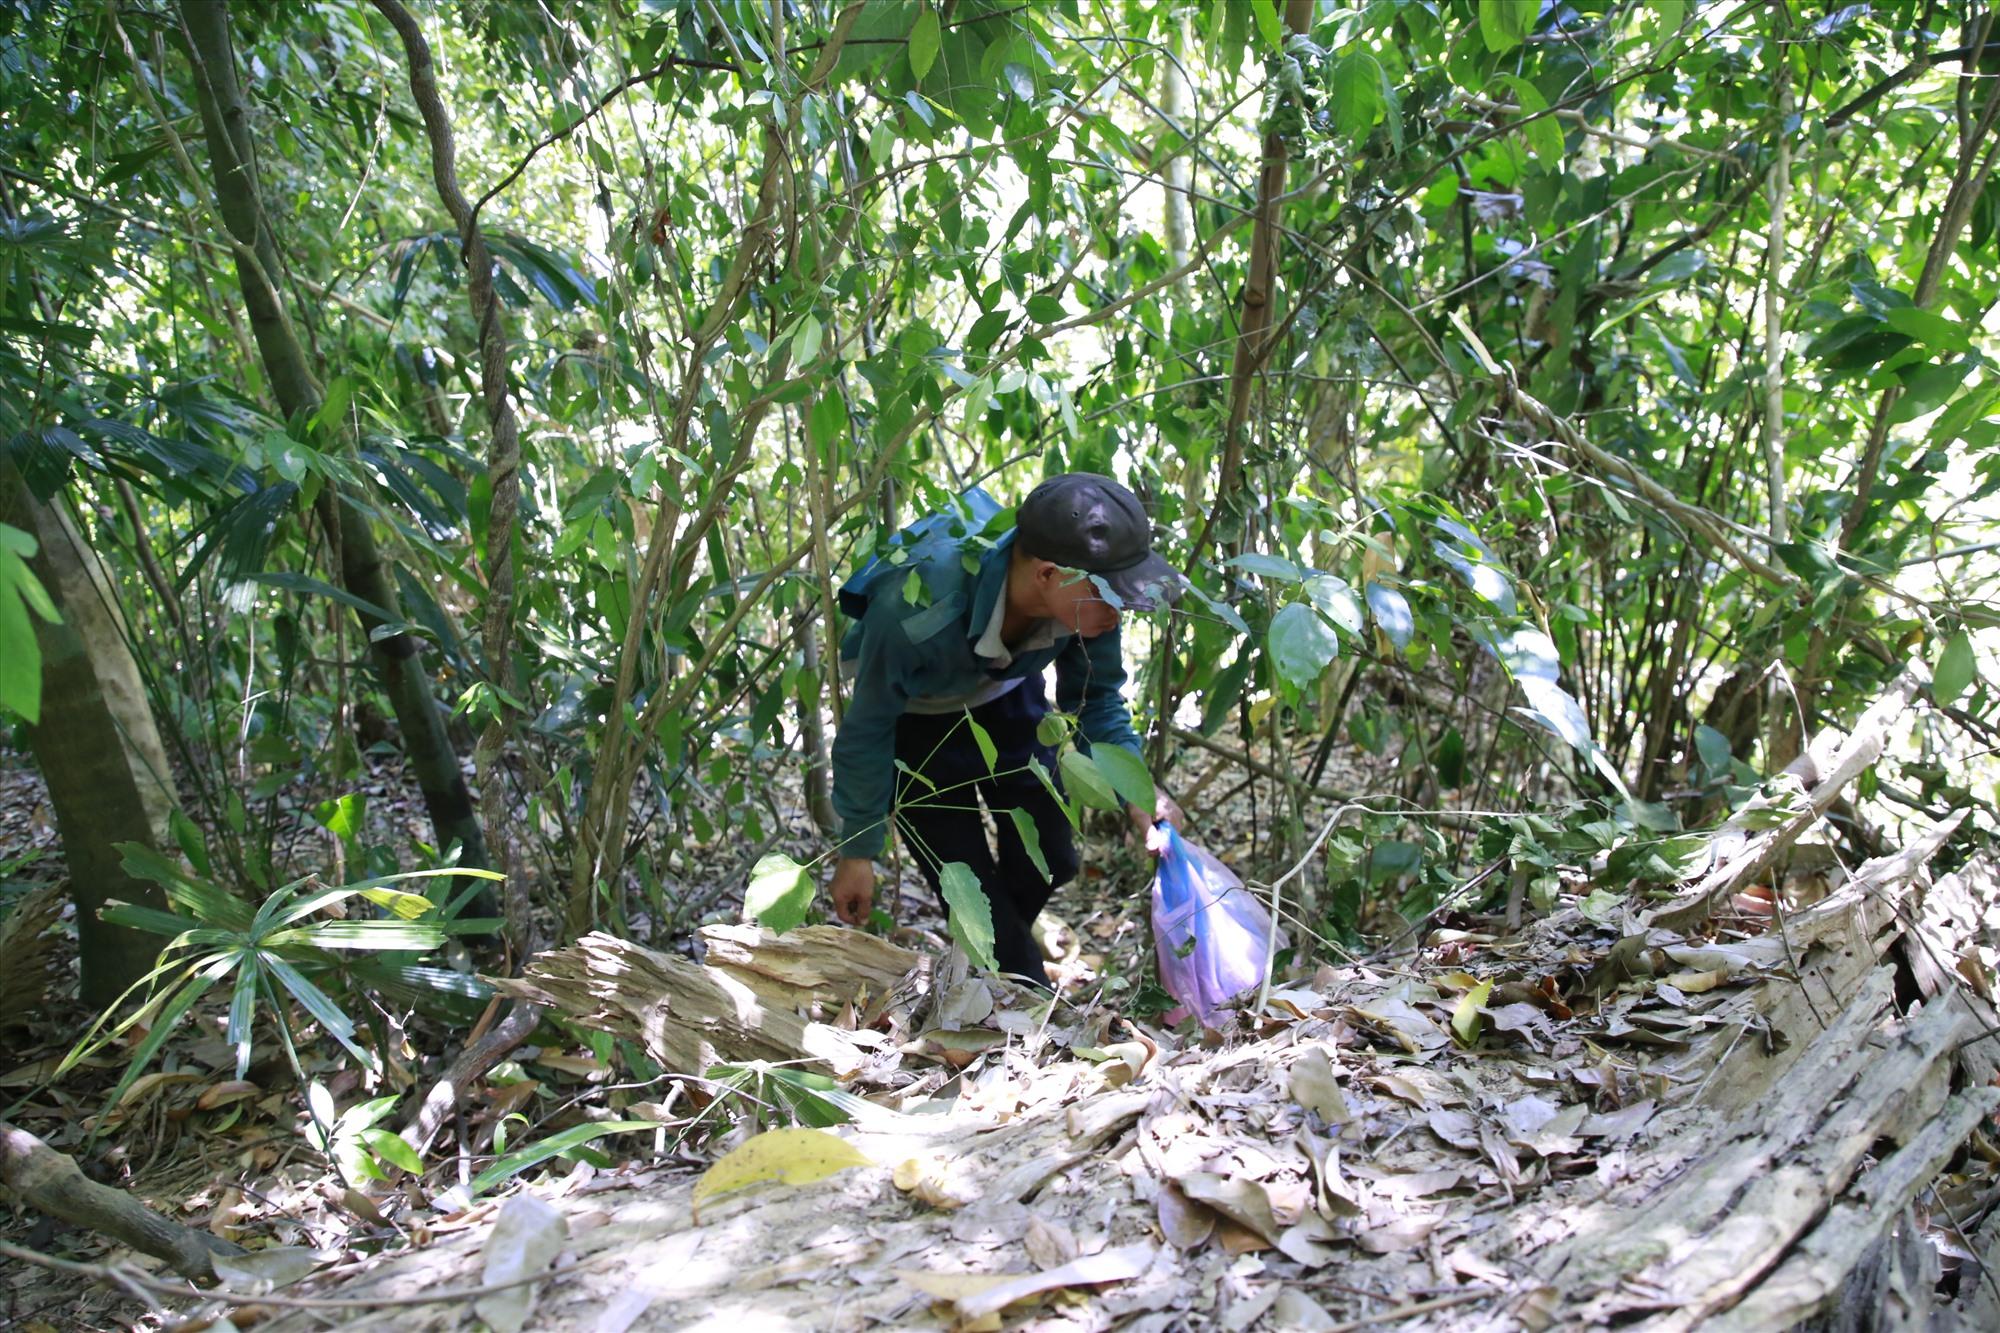 Hồ Văn Hà, thanh niên ở Khâm Đức luồn rừng, đi nhặt hạt ươi ở cánh rừng thôn Lao Mưng - xã Phước Xuân. Ảnh: T.C